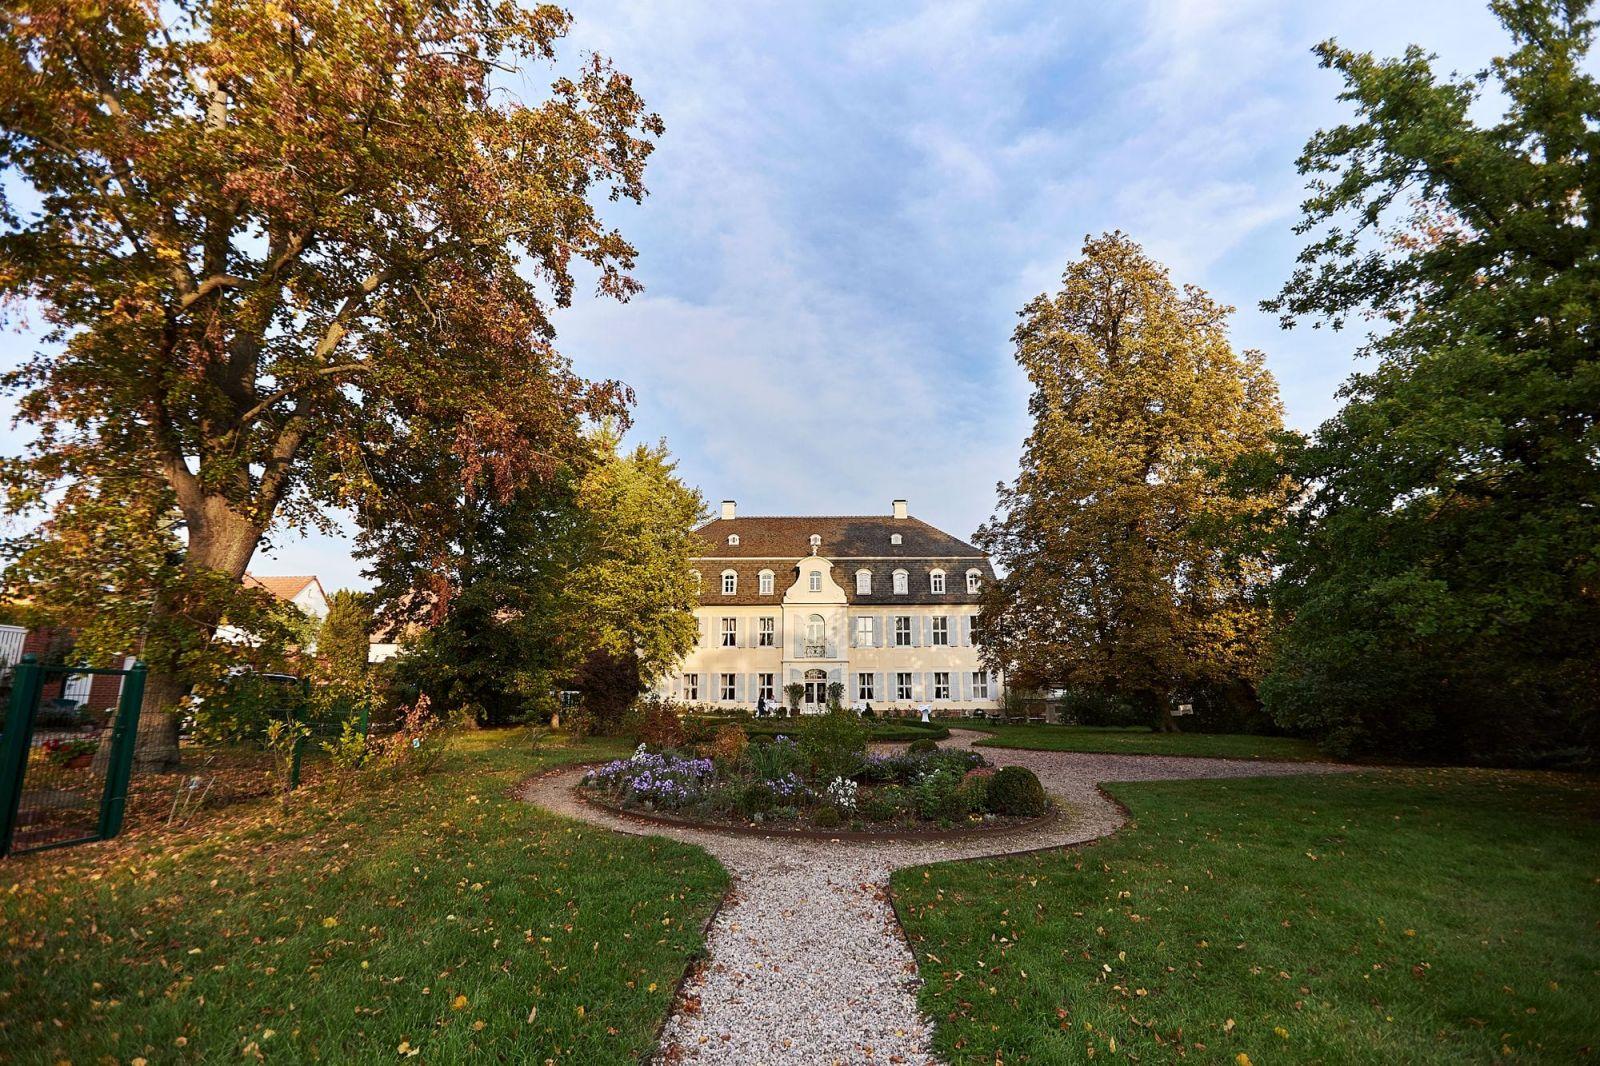 Das Rittergut Ermlitz mit seinem englischen Garten